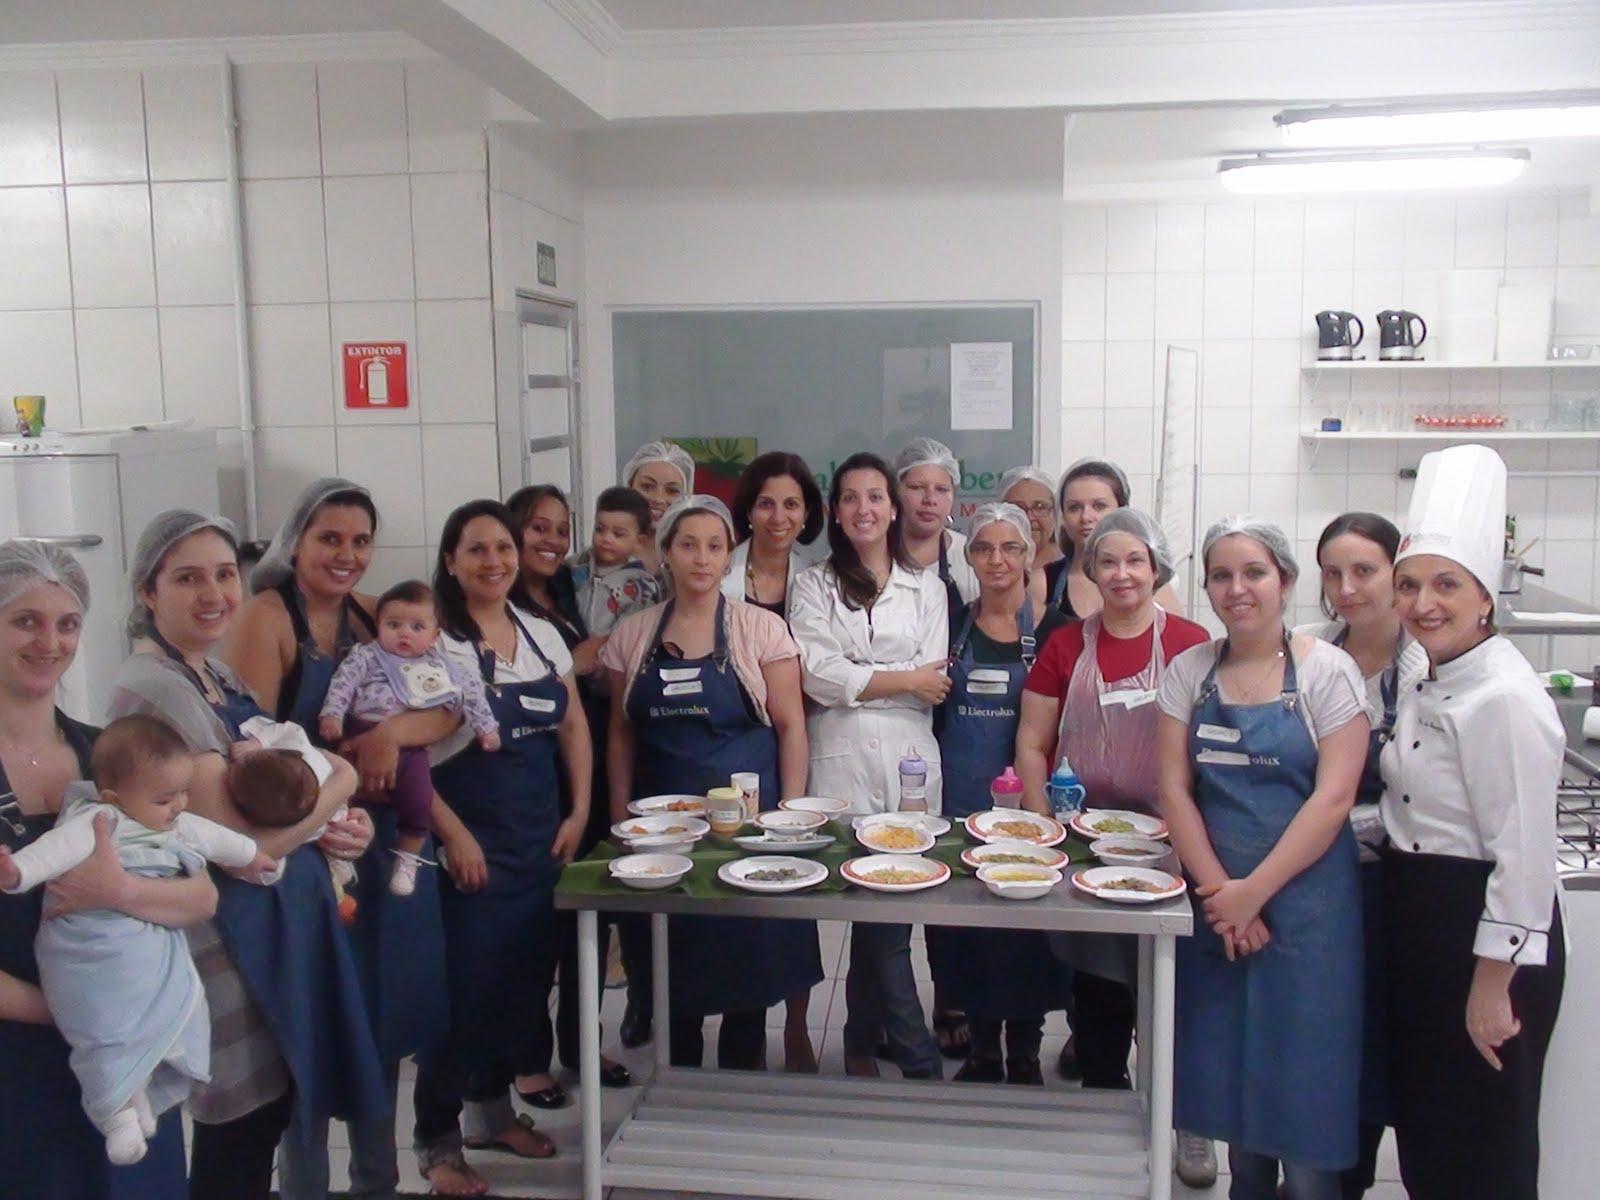 #38415C Cozinha experimental para mamães e bebês Sabor e Saber Gastronomia 1600x1200 px Projeto Cozinha Experimental Na Escola #2535 imagens